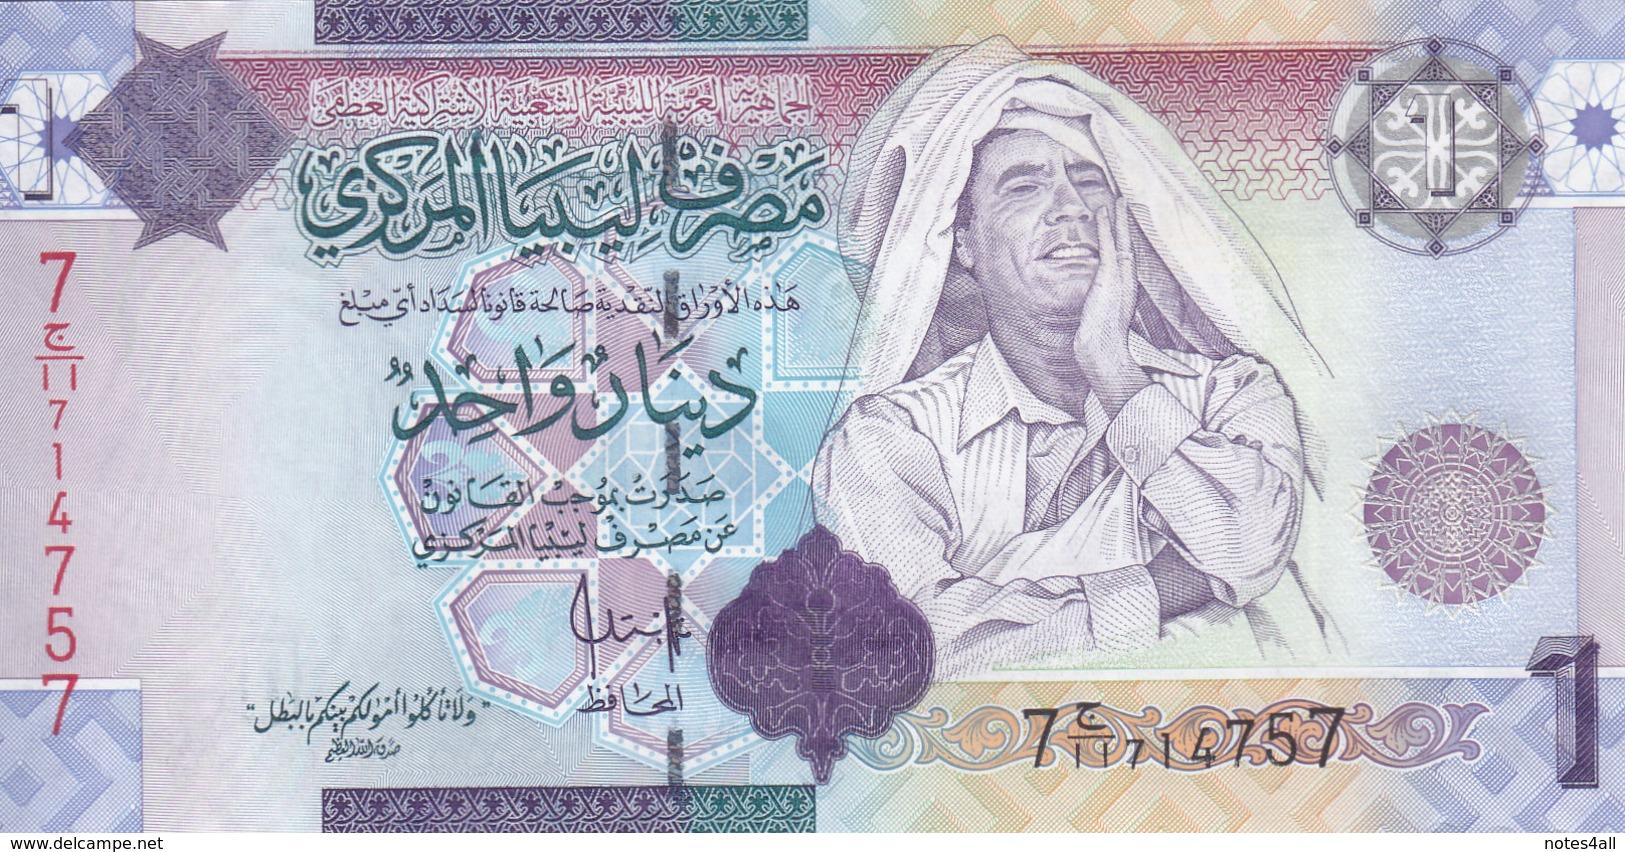 LIBYA 1 DINAR 2009 P-71 SIG/7 Bengadara UNC */* - Libye